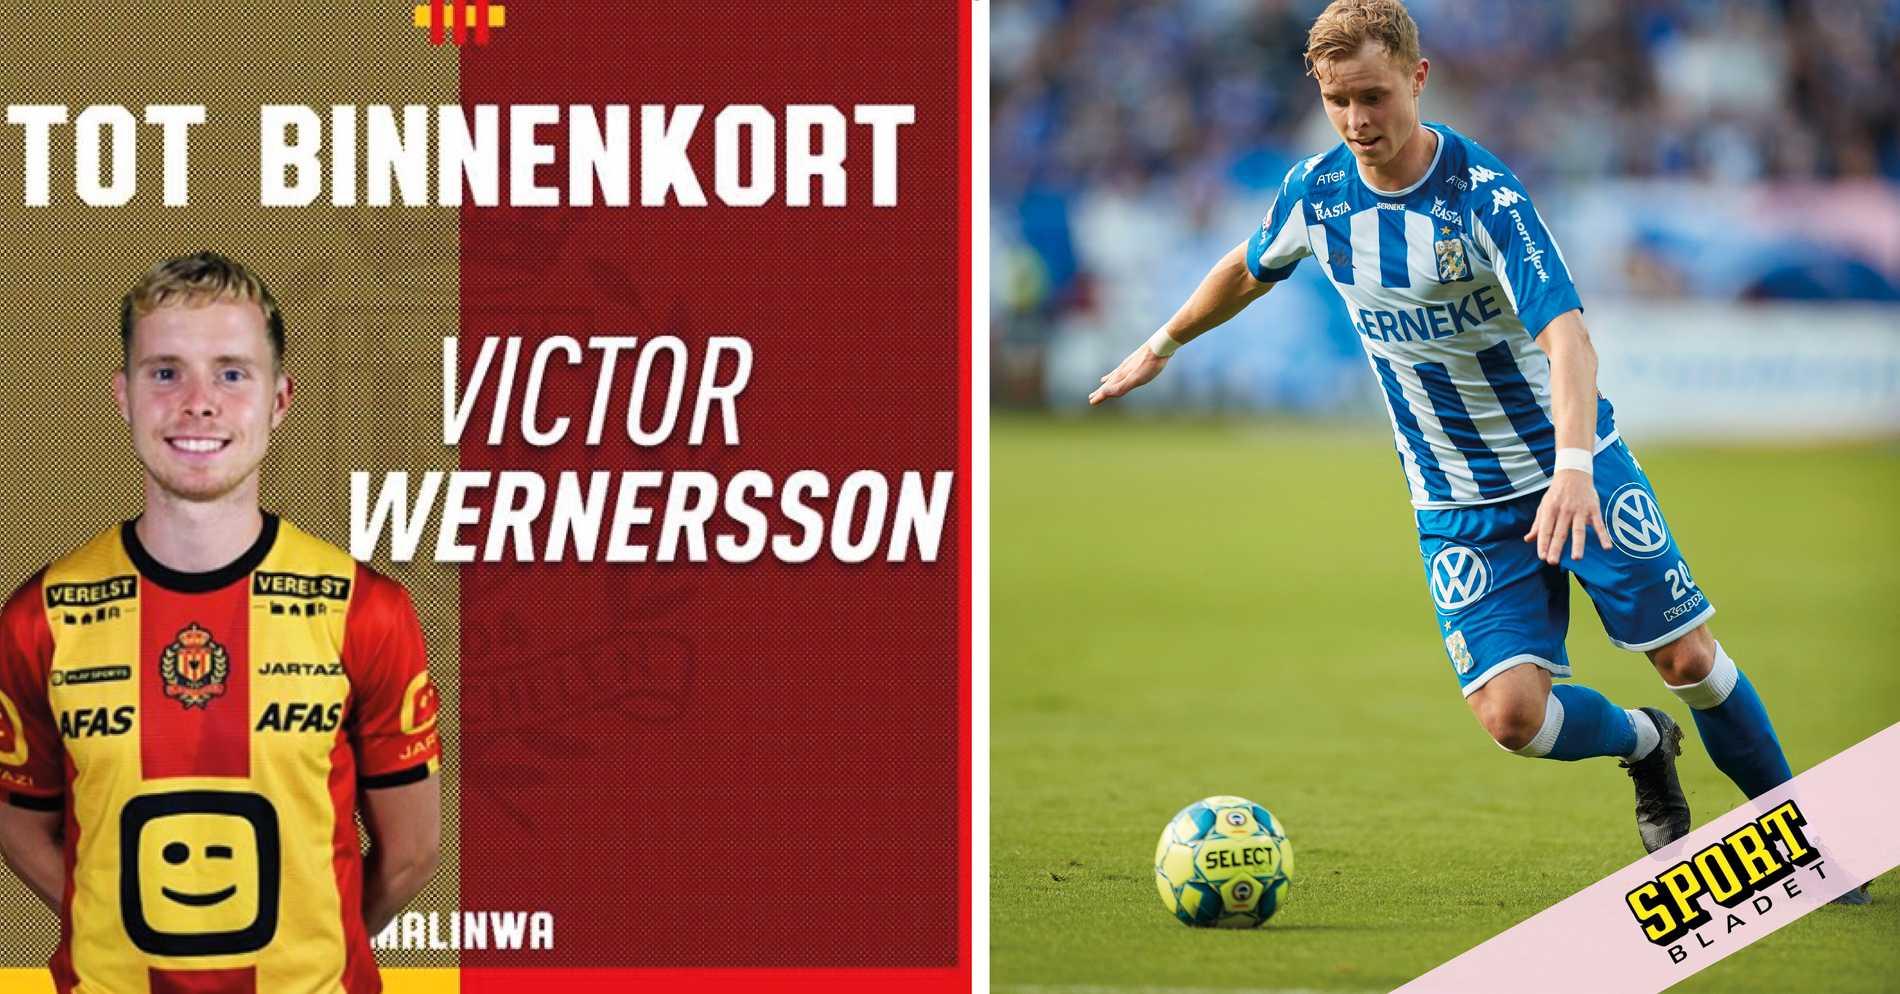 Blåvitts kritik mot Wernersson